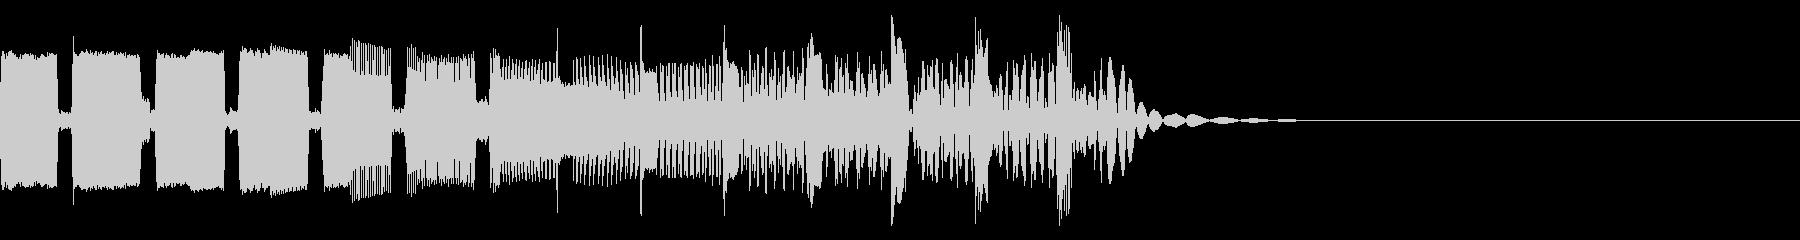 [8Bit]レトロゲーム系SE-04の未再生の波形